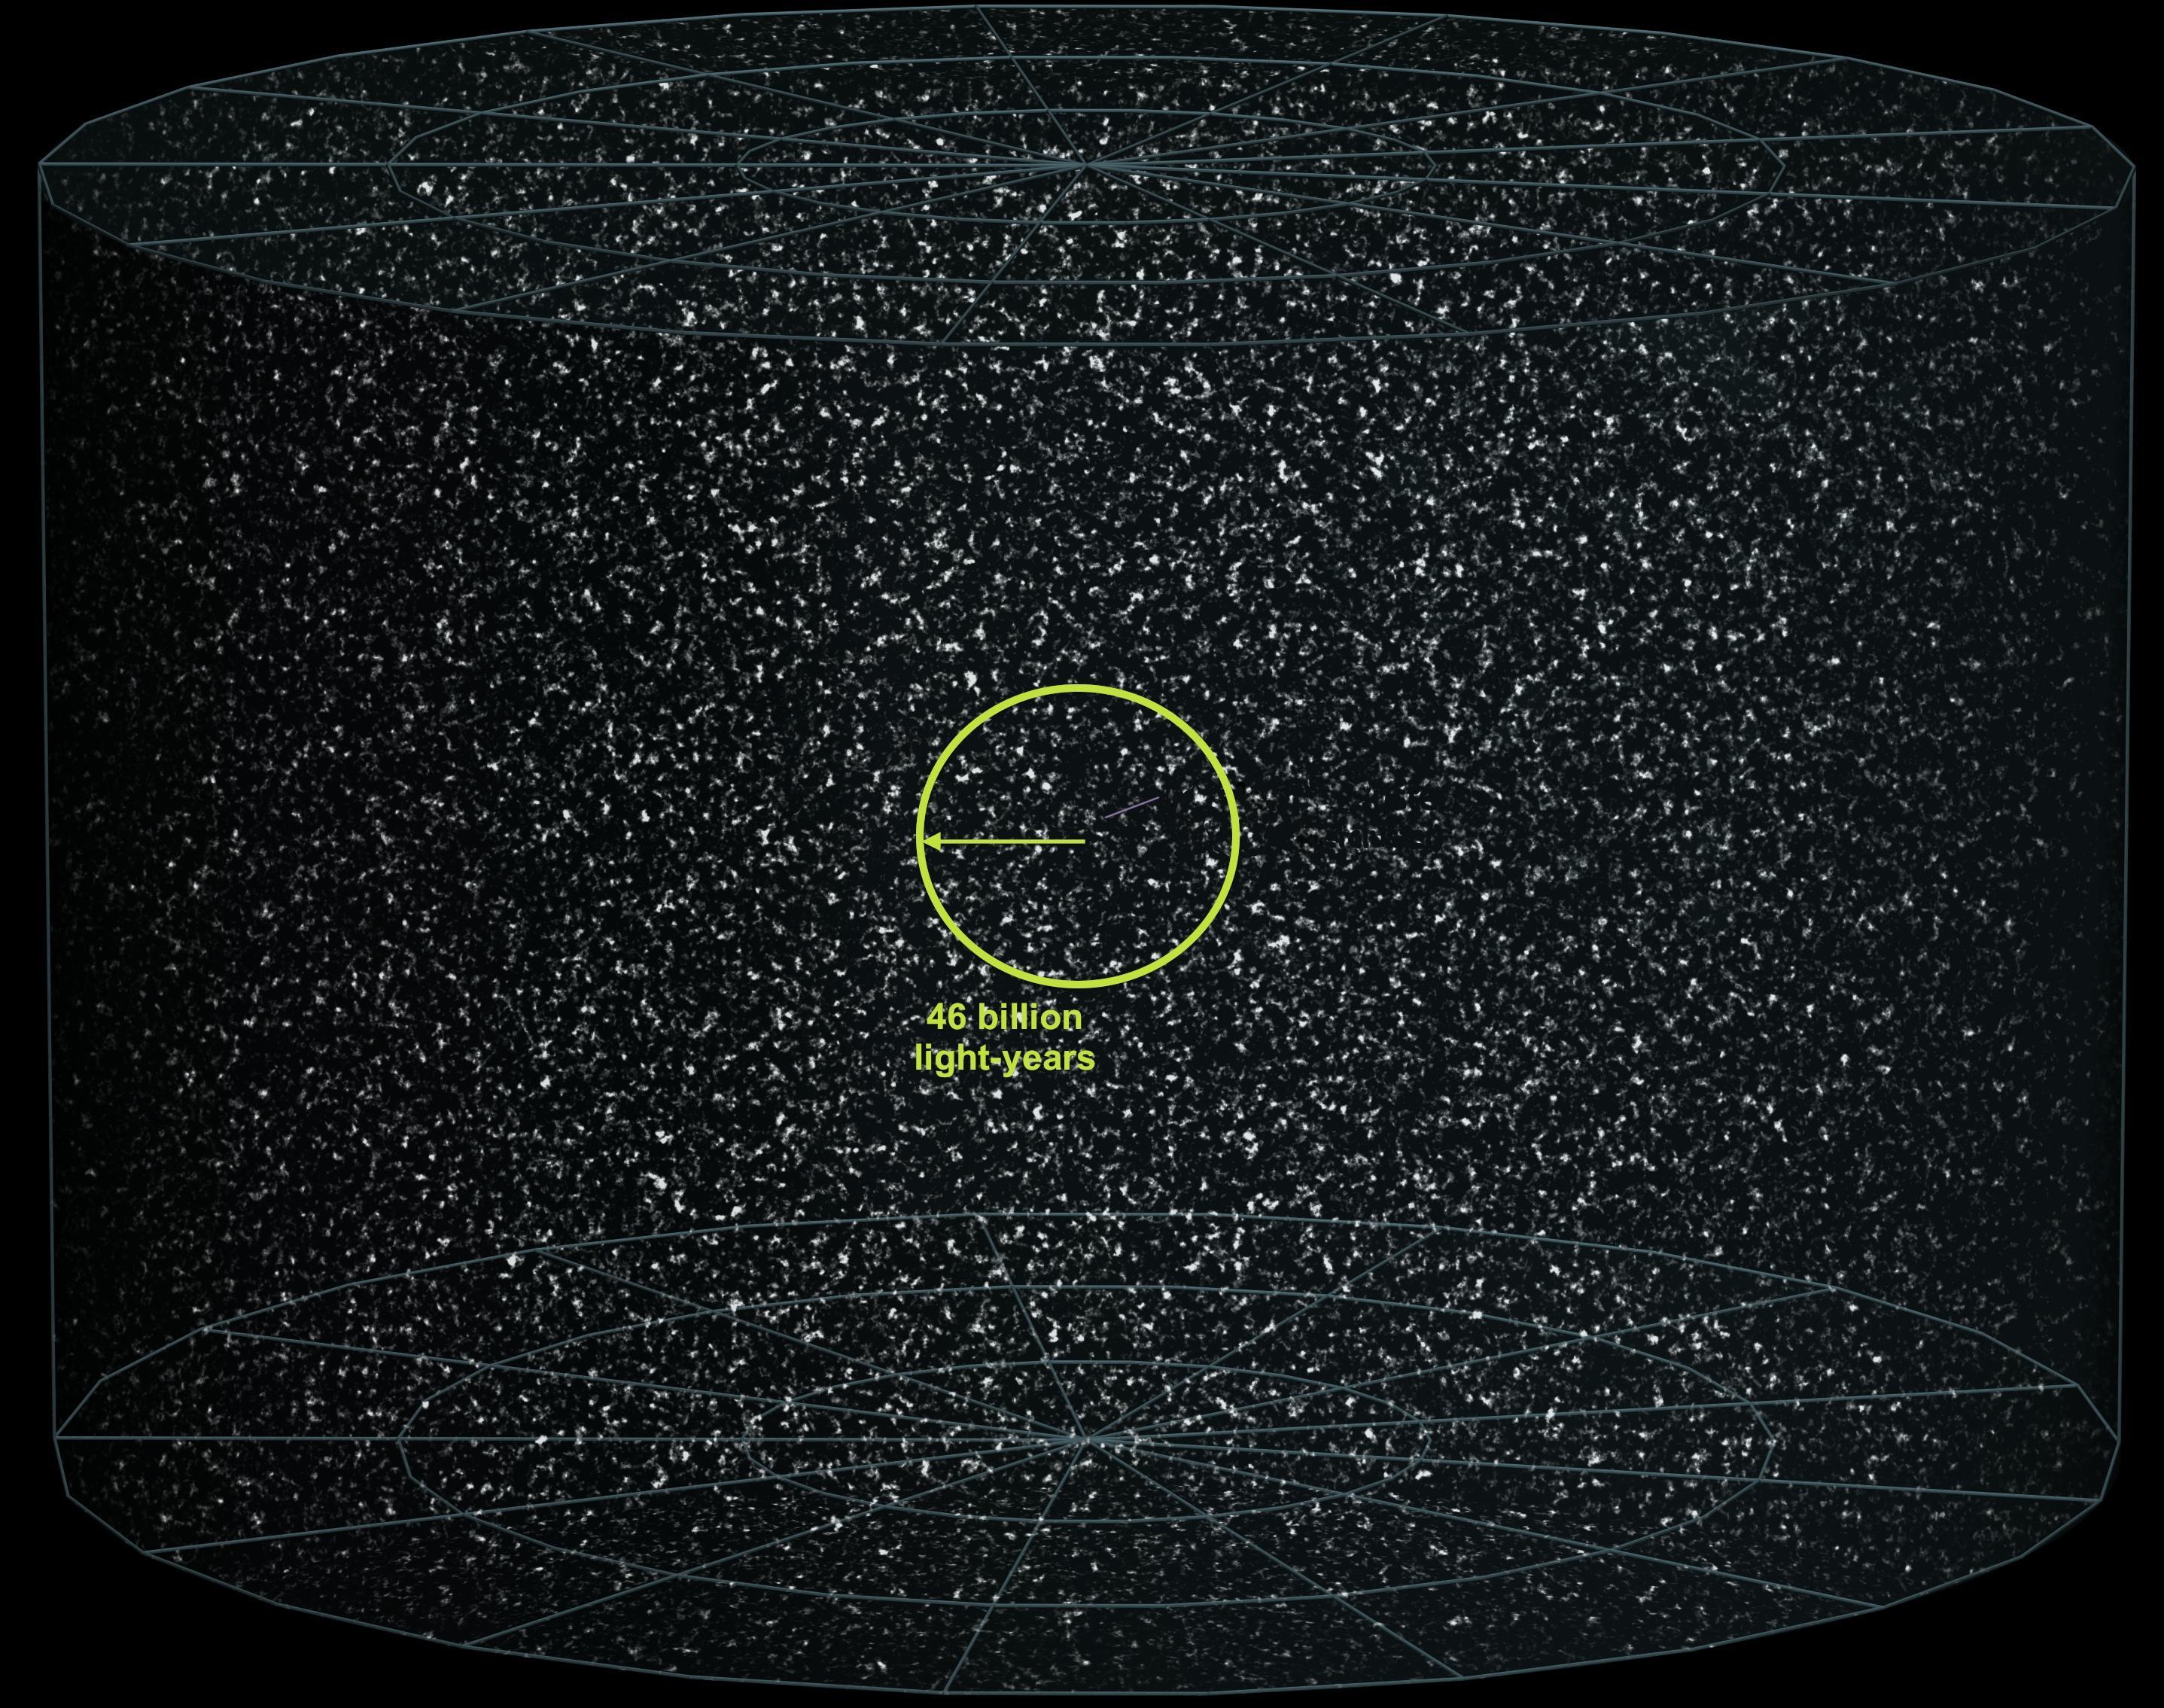 Сколько галактик мы уже больше никогда не увидим?